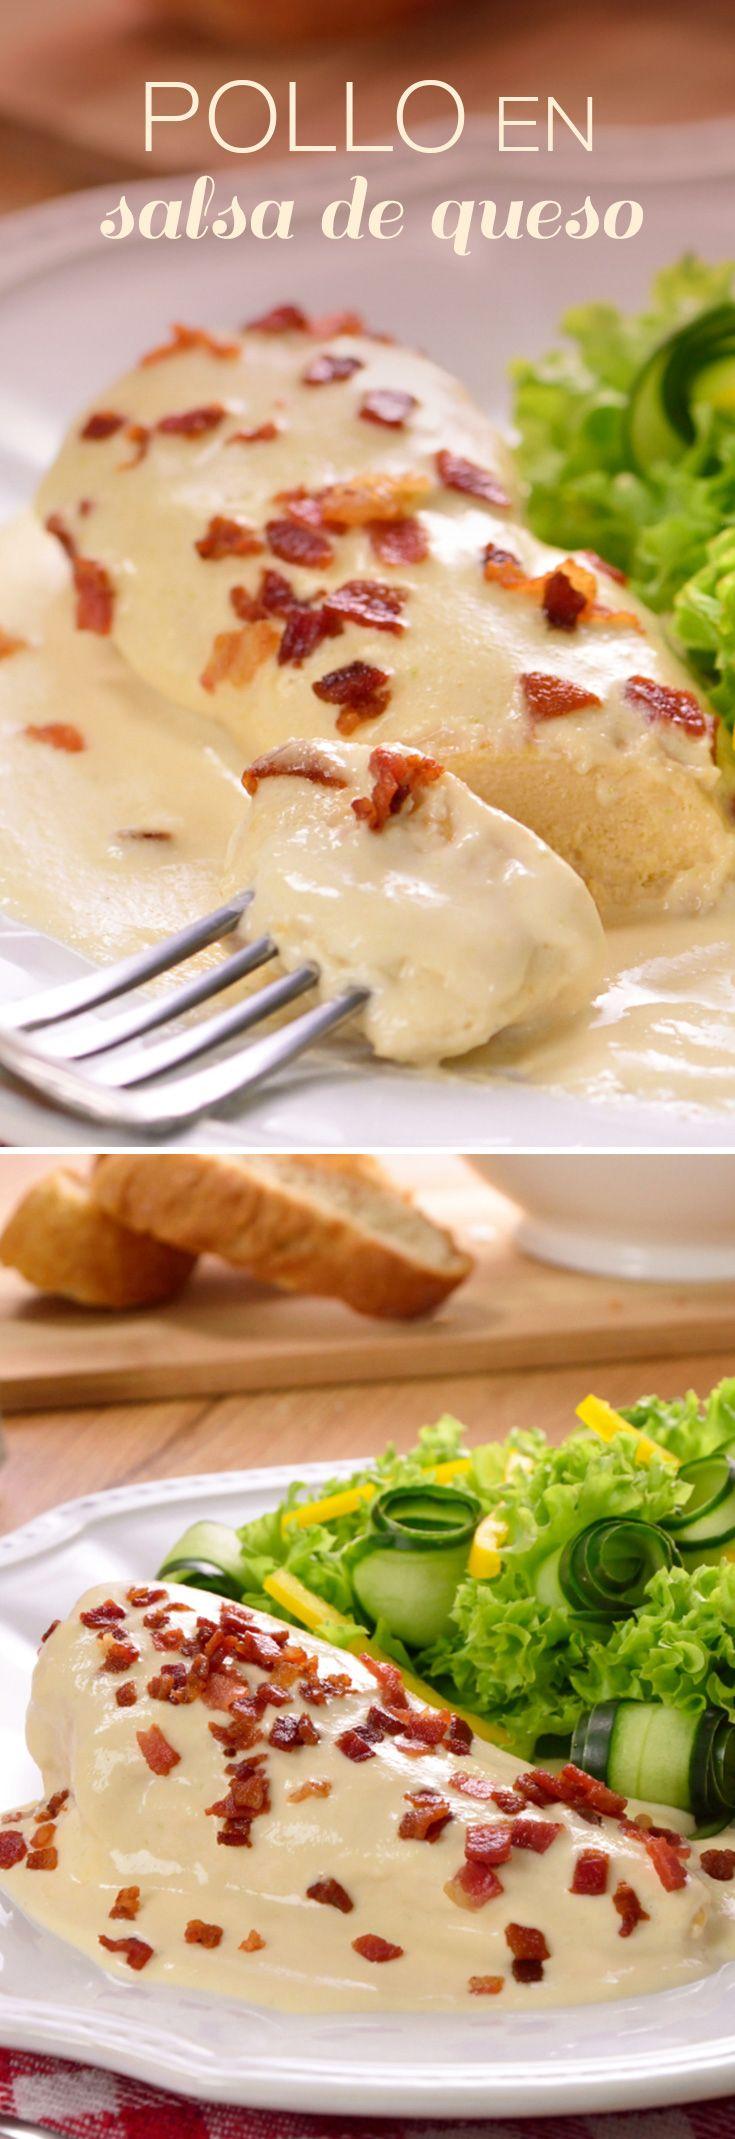 Pollo con salsa de queso  Pinterest | https://pinterest.com/elcocinillas/